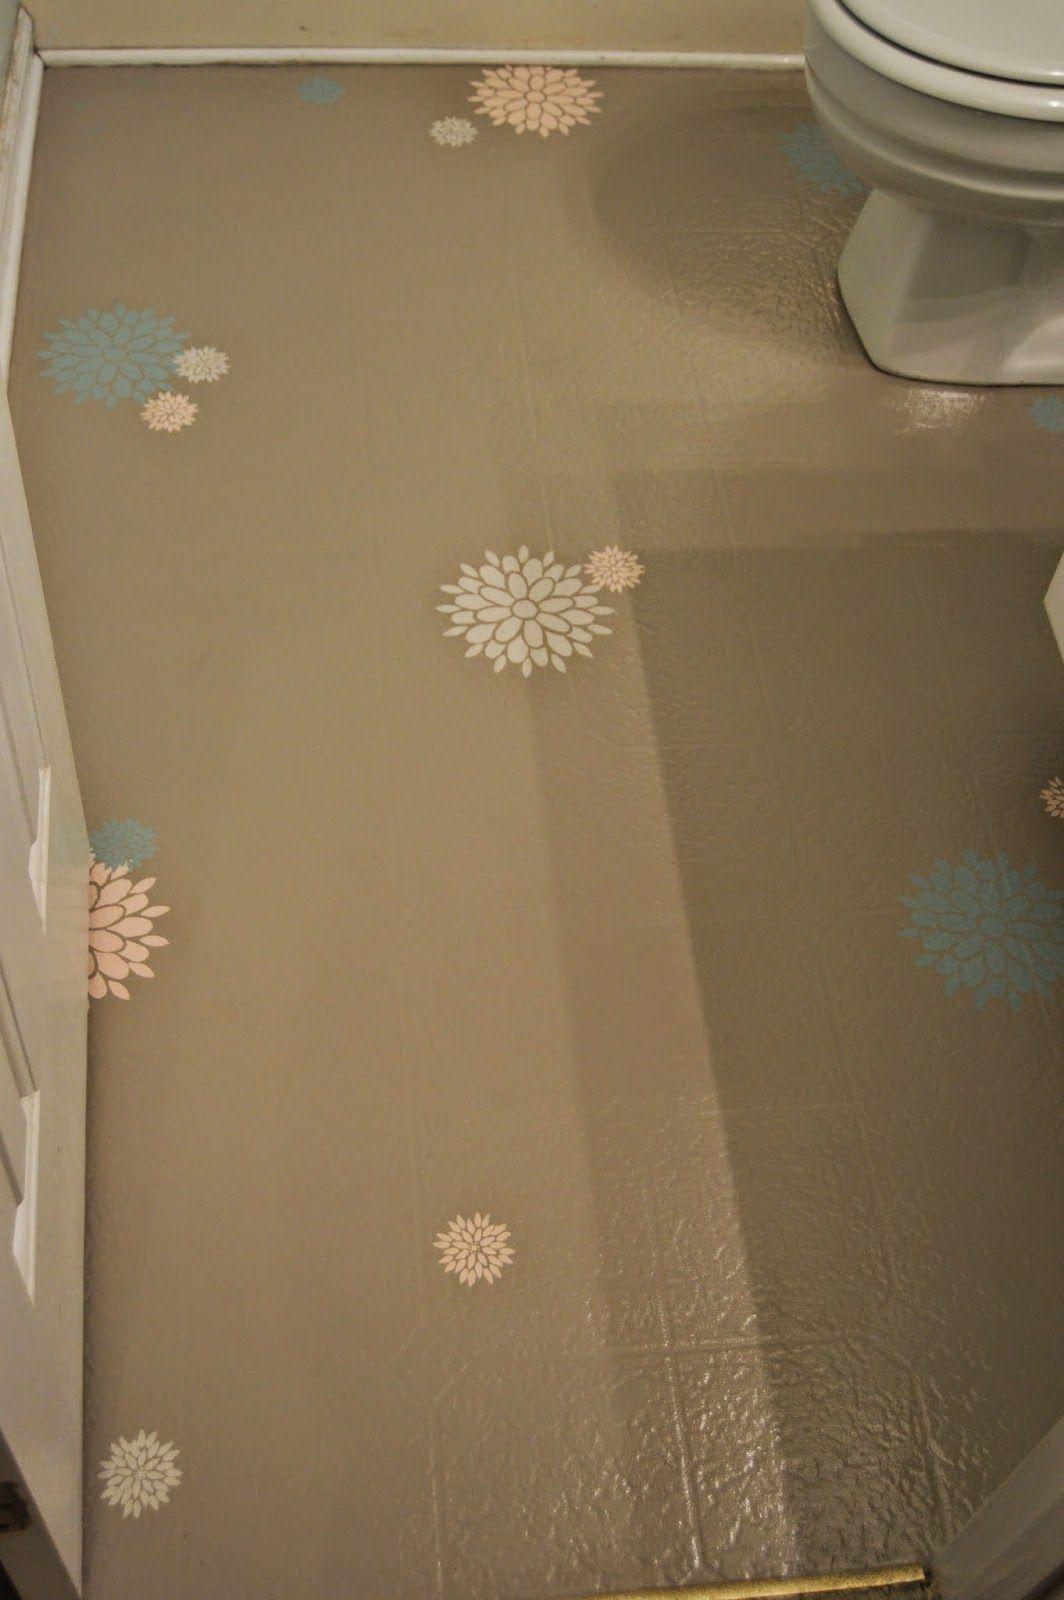 linoleum in seconds to watch floor how vinyl old youtube remove tile or